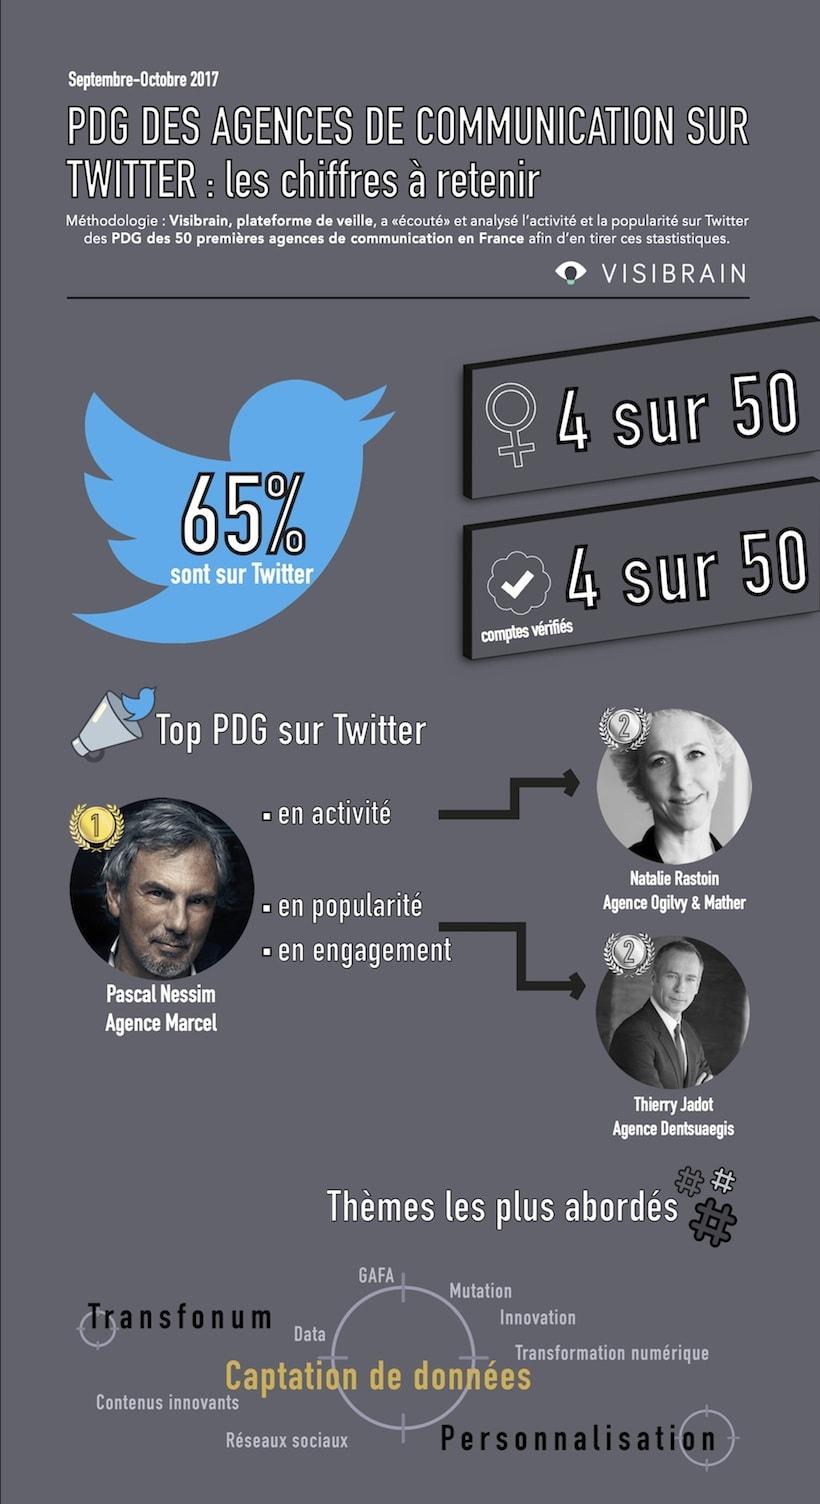 infographie des PDG d'agence les plus populaires sur twitter